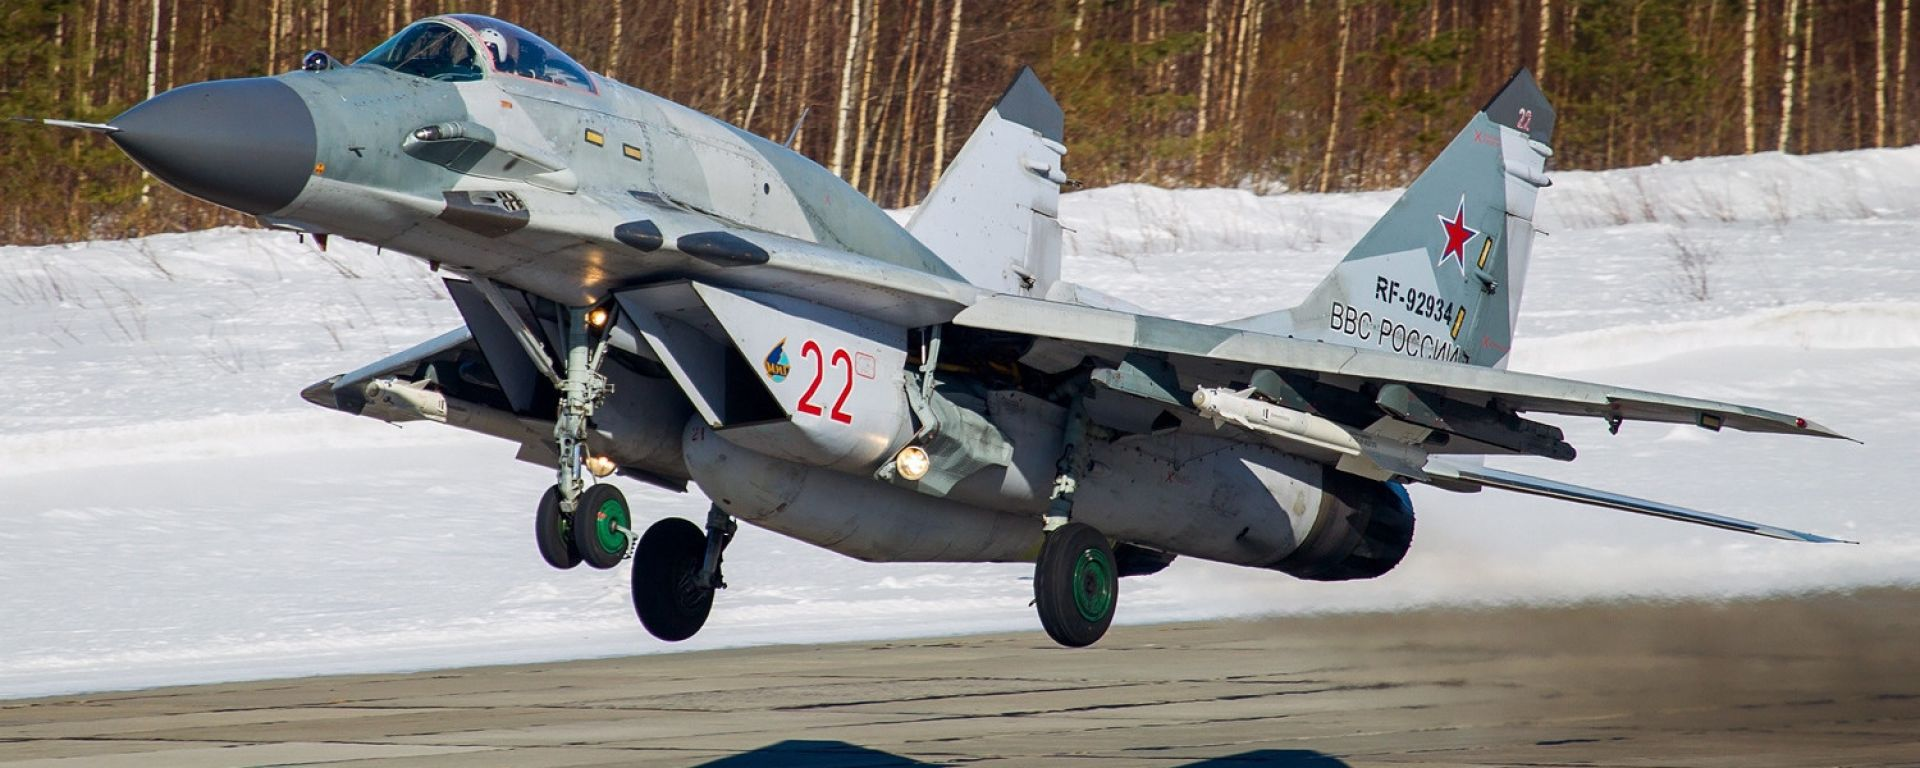 Mig 29 Fulcrum in atterraggio